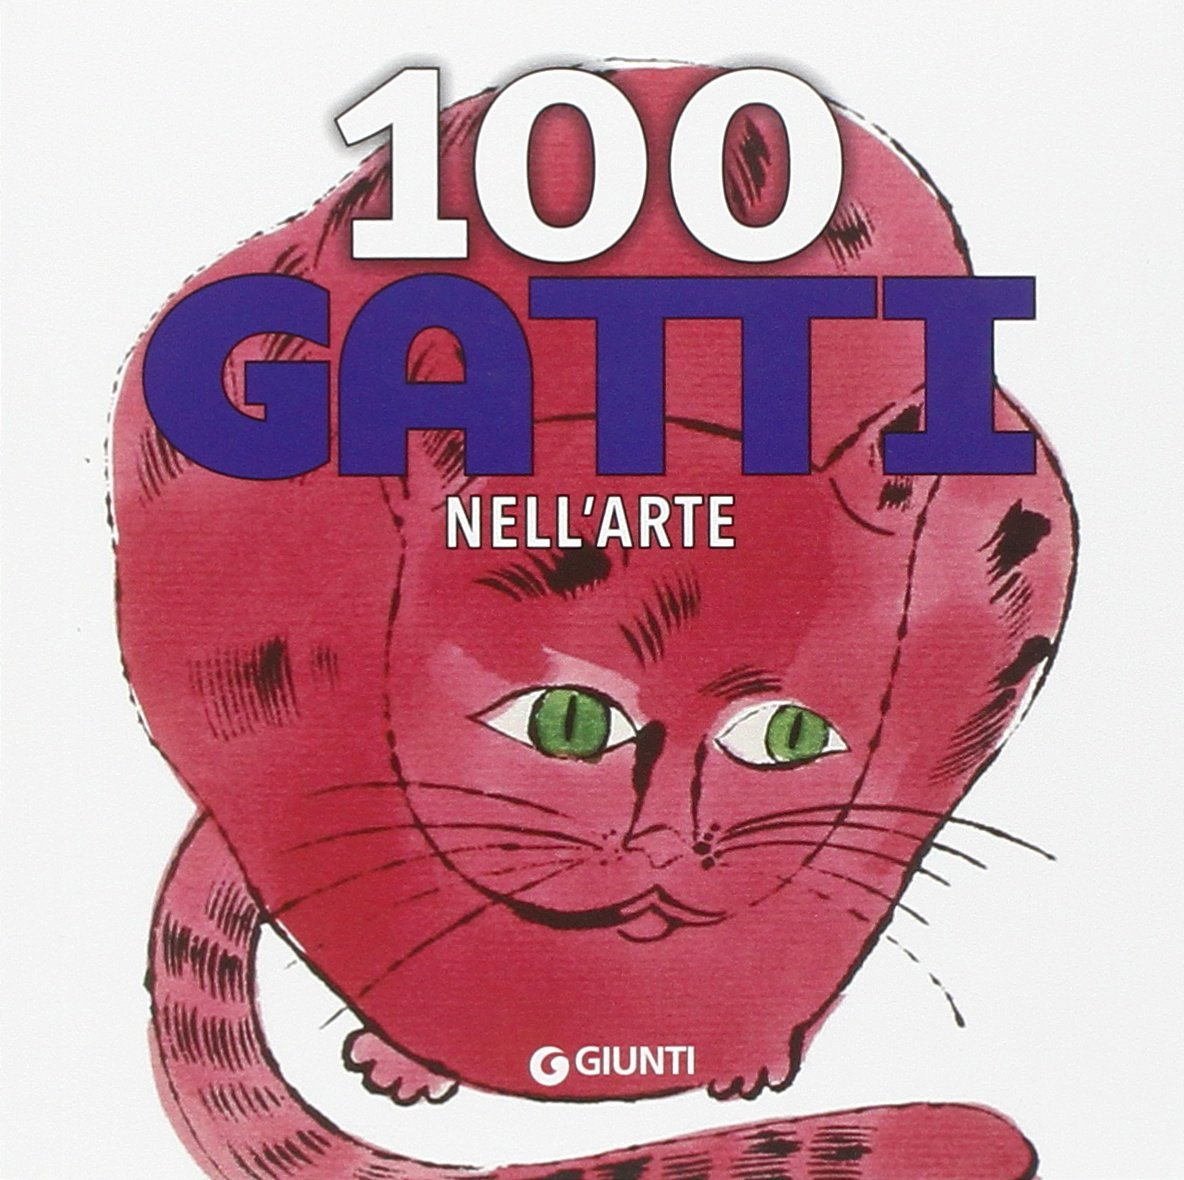 100 gatti nell'arte